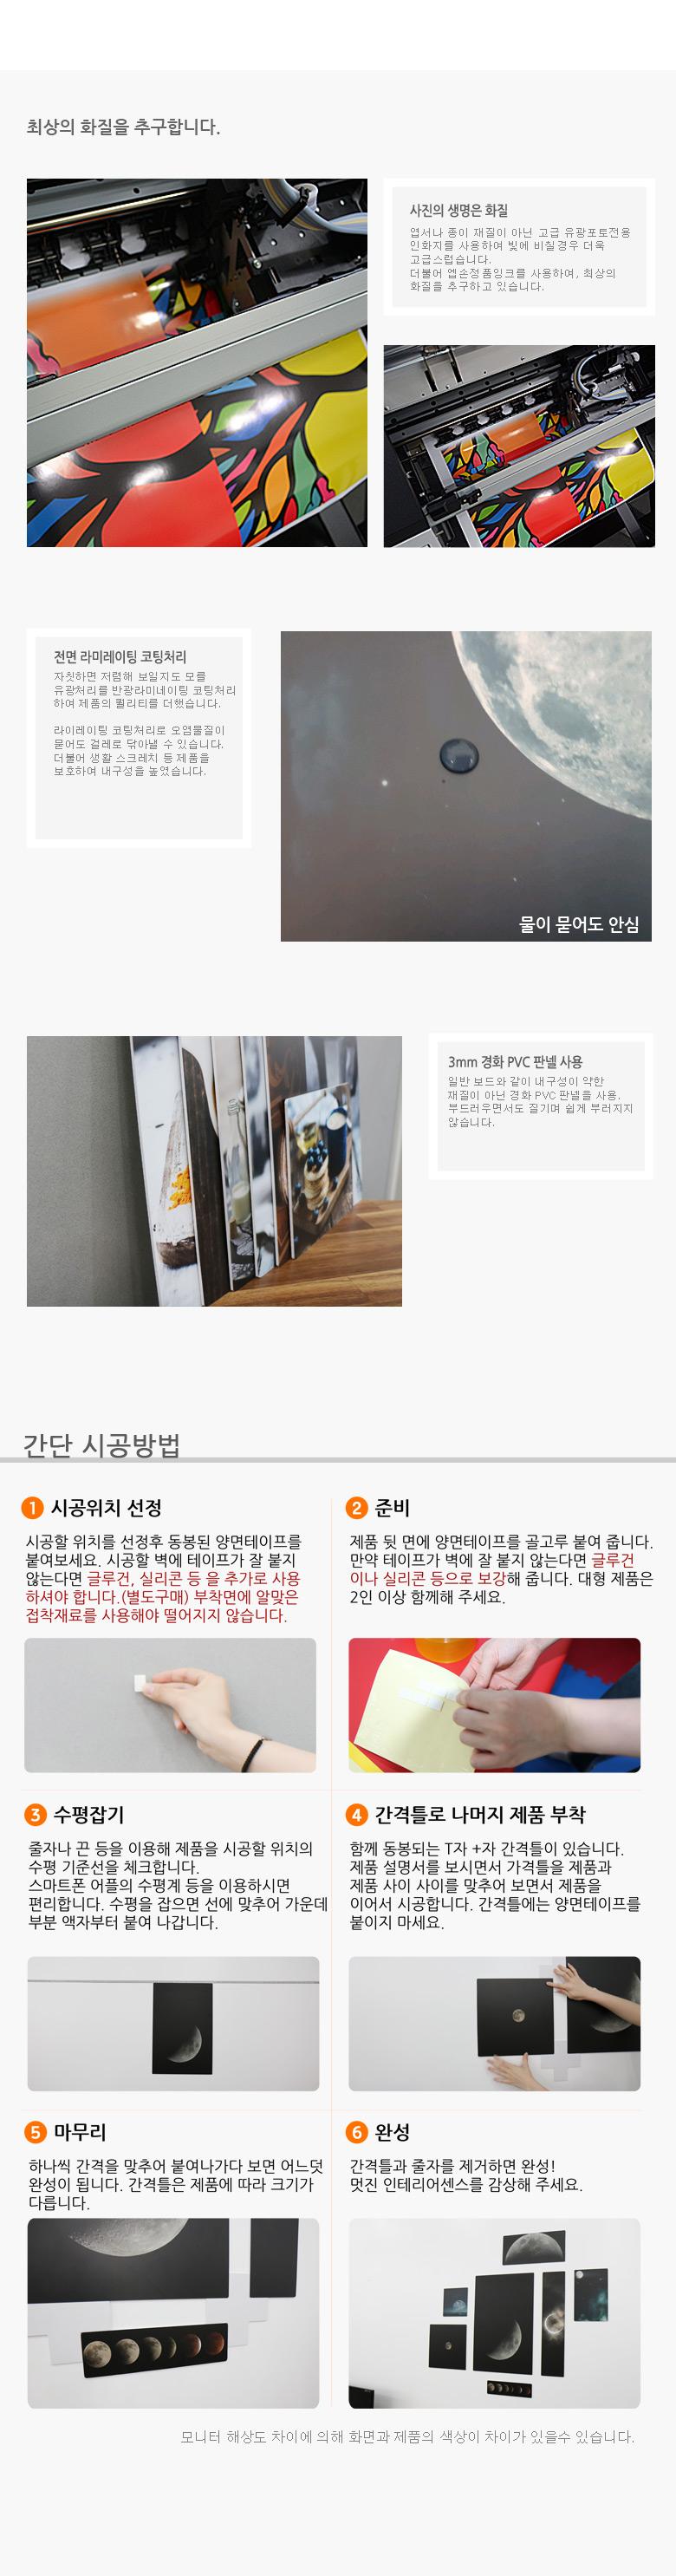 멀티액자_스시전문 - 꾸밈, 28,800원, 홈갤러리, 사진아트